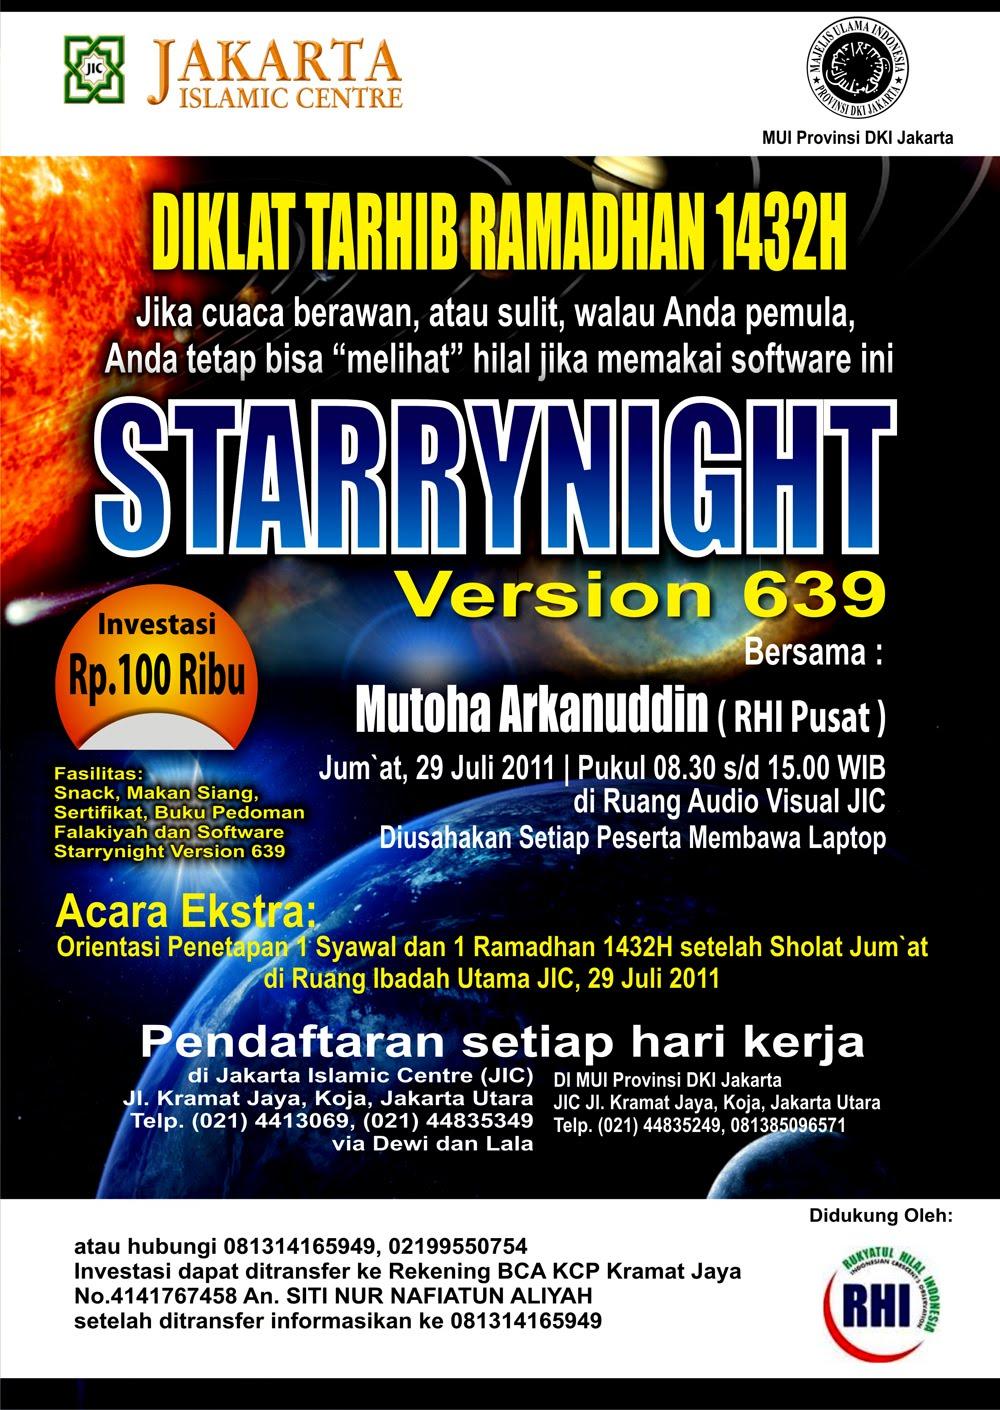 Desain brosur DIKLAT Tarhib Ramadhan 1432 H